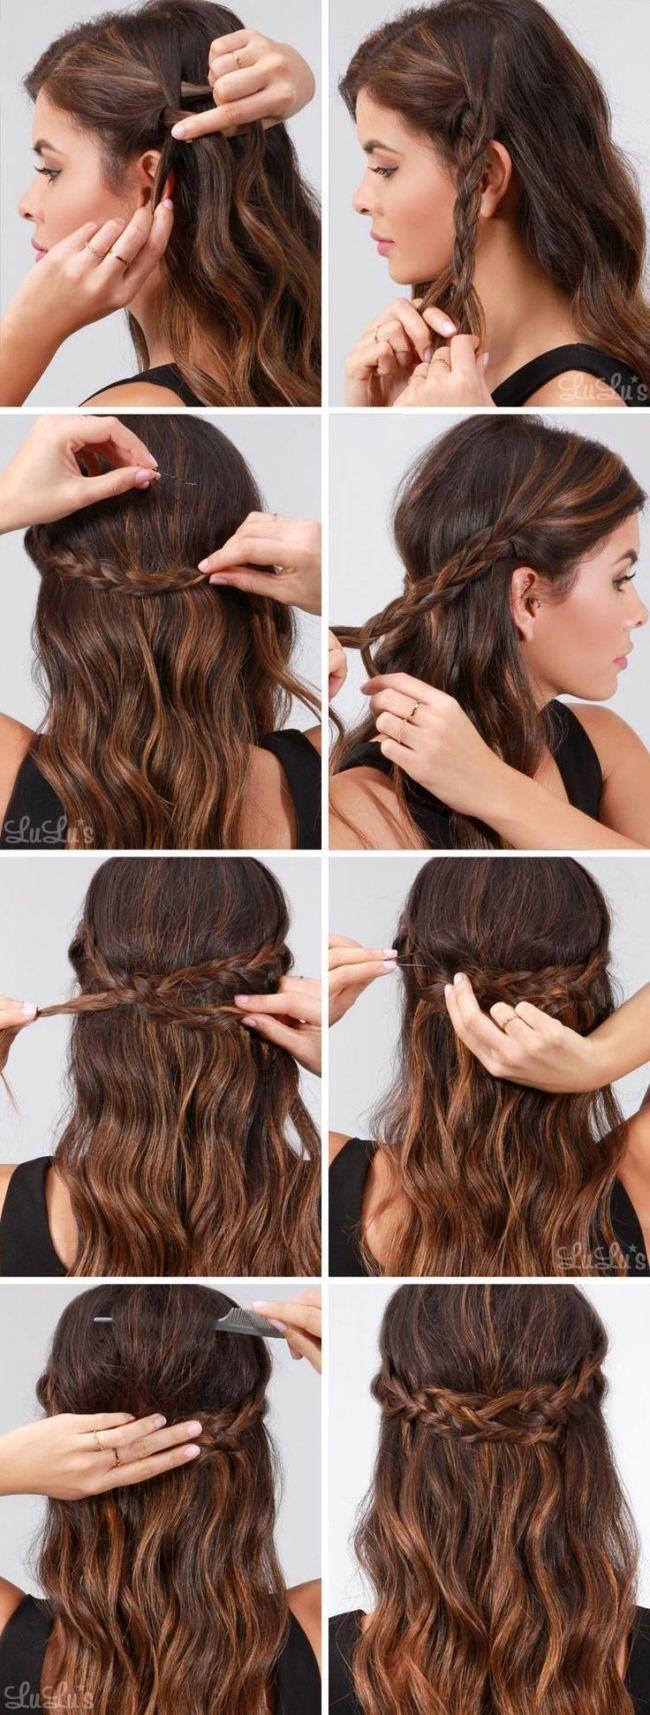 Schnelle einfache formale Party-Frisuren für lange Haar-DIY-Ideen